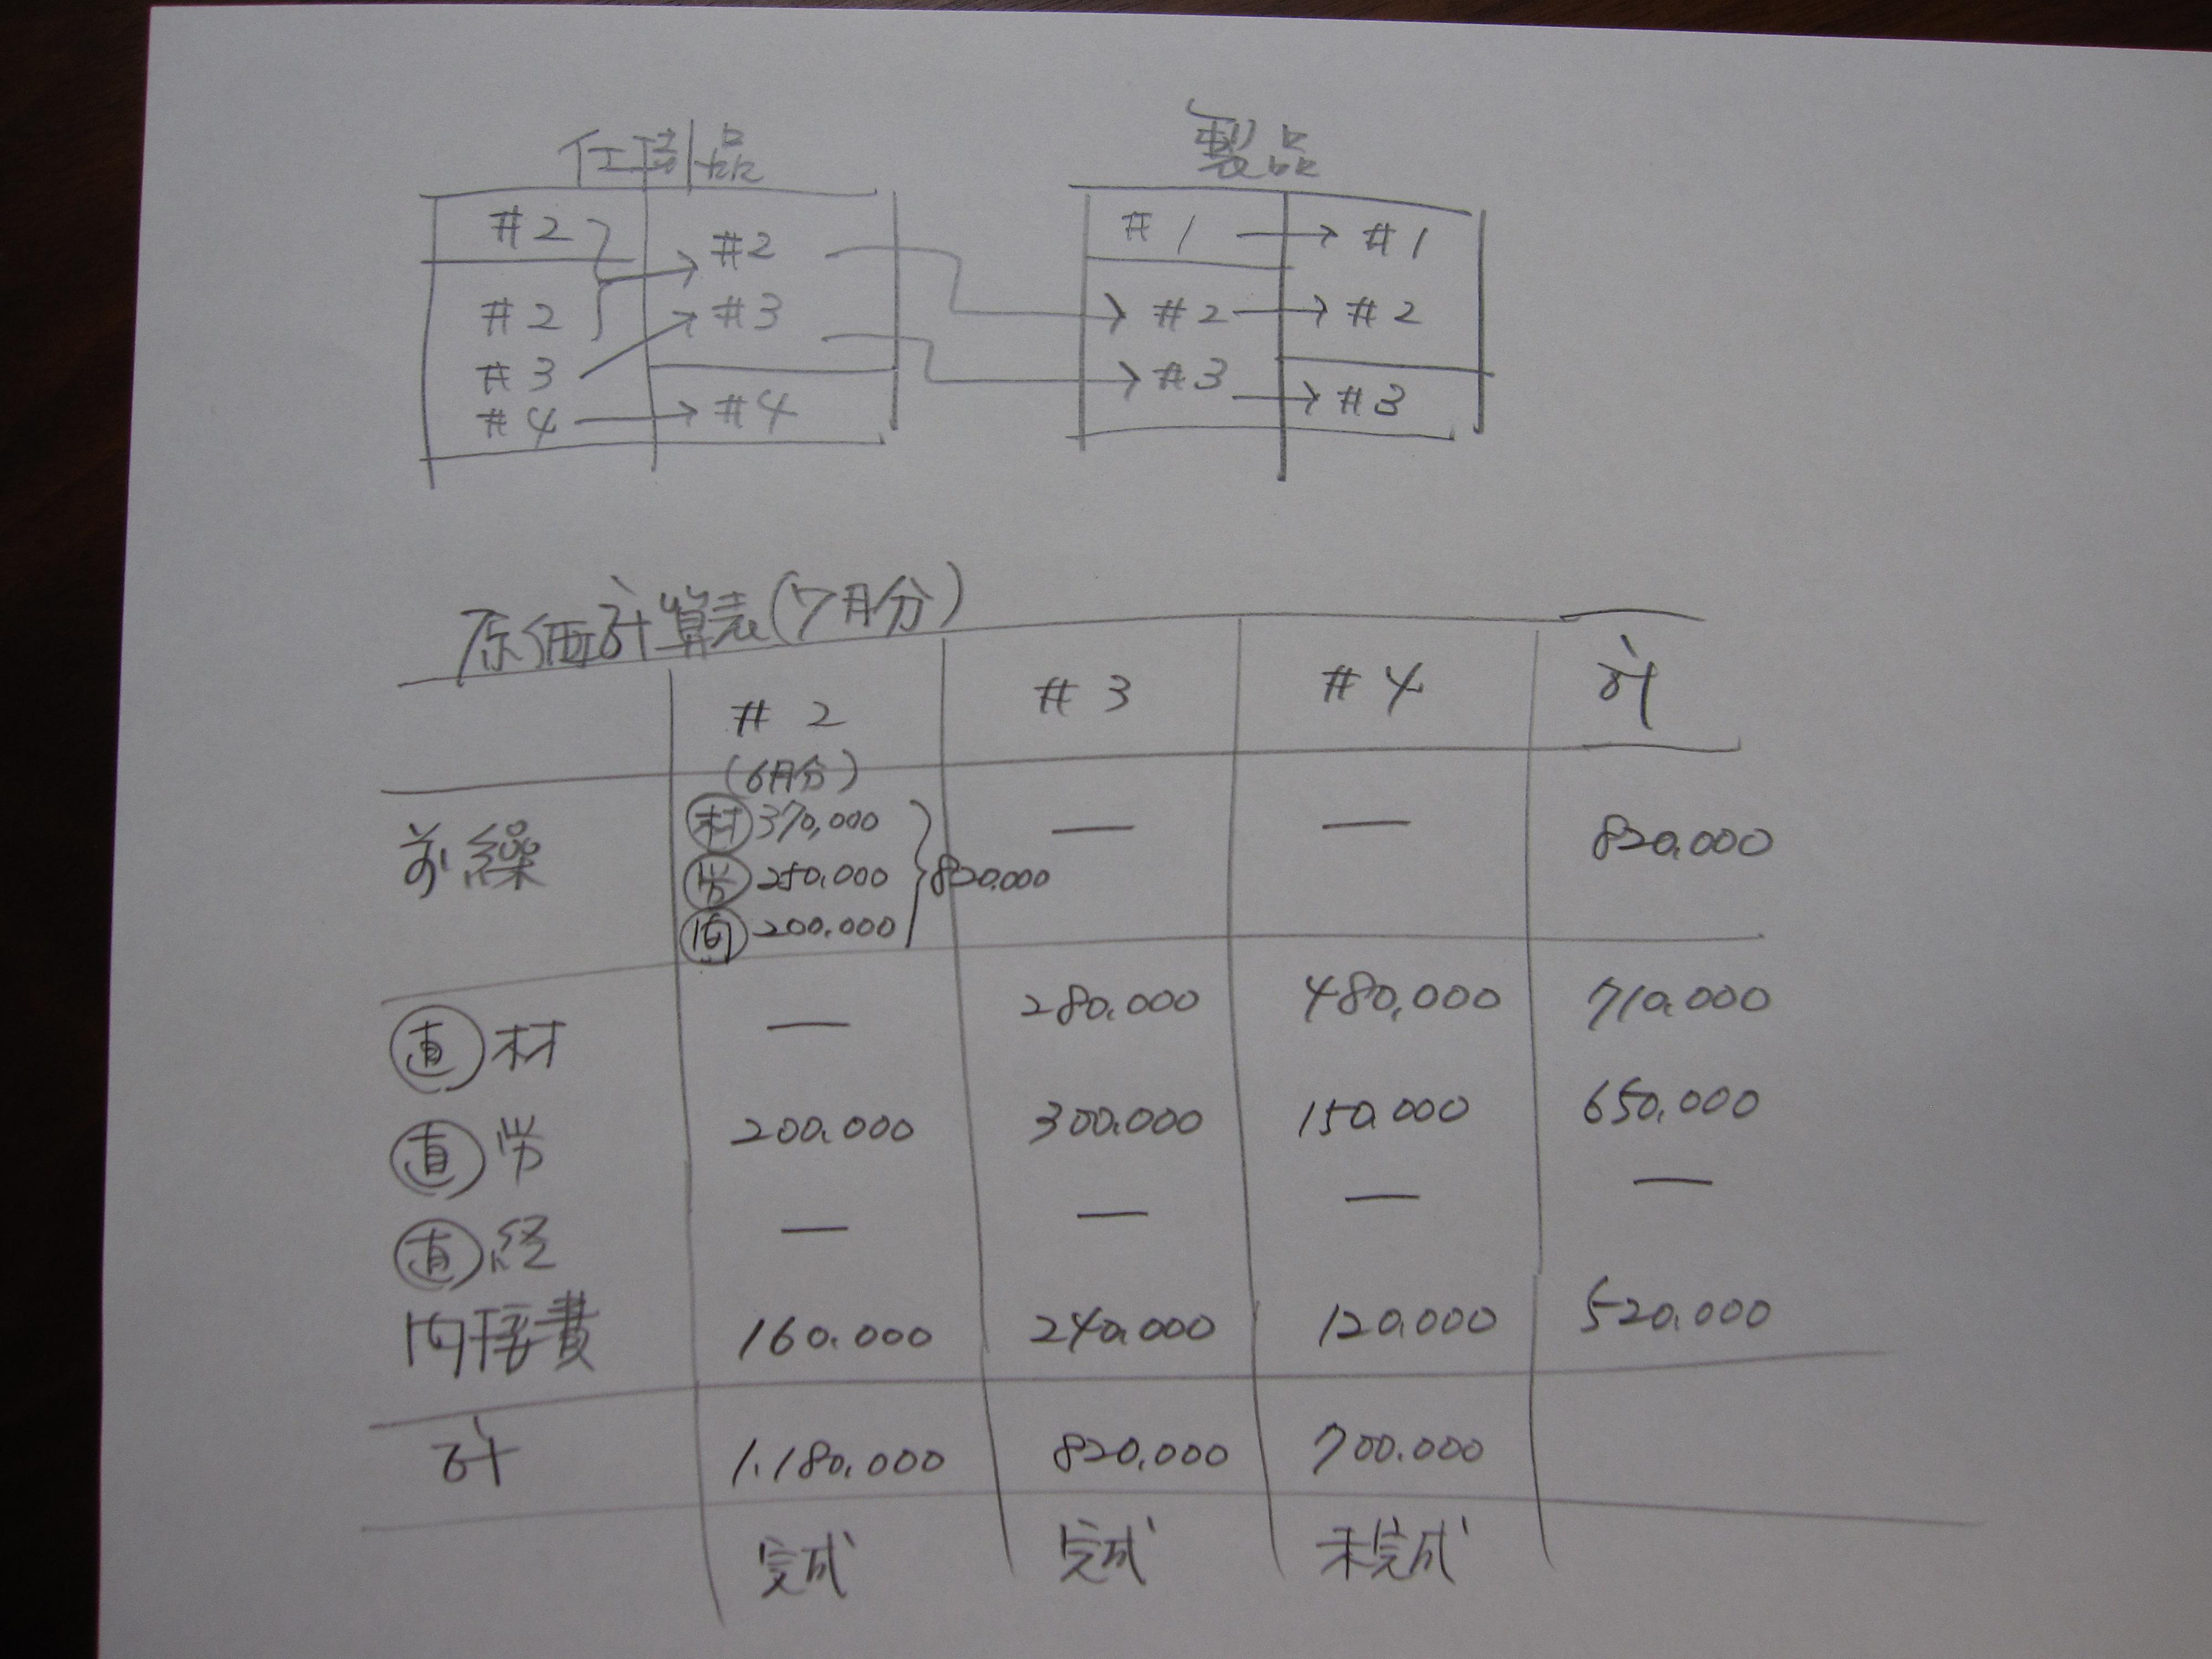 ブログで学ぶ〜日商簿記2級チャレンジ #29 個別原価計算 05